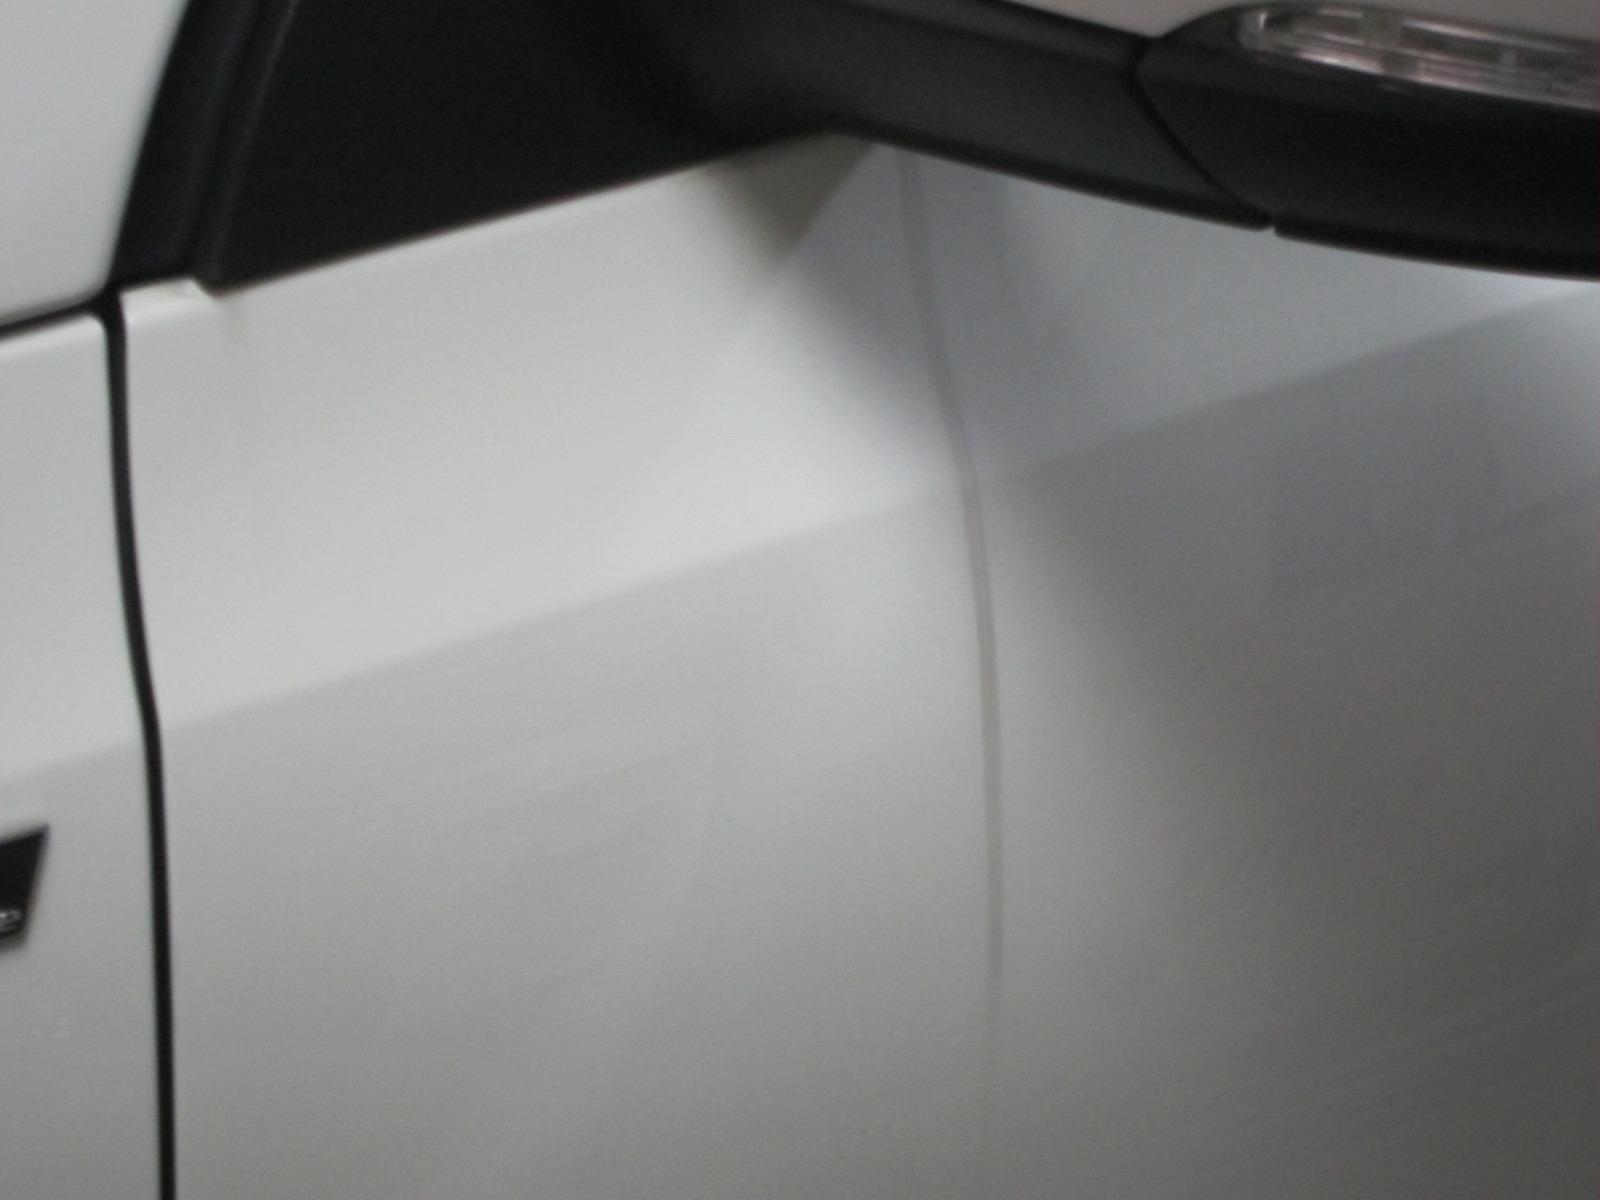 201311106-volkswagen-scirocco-02